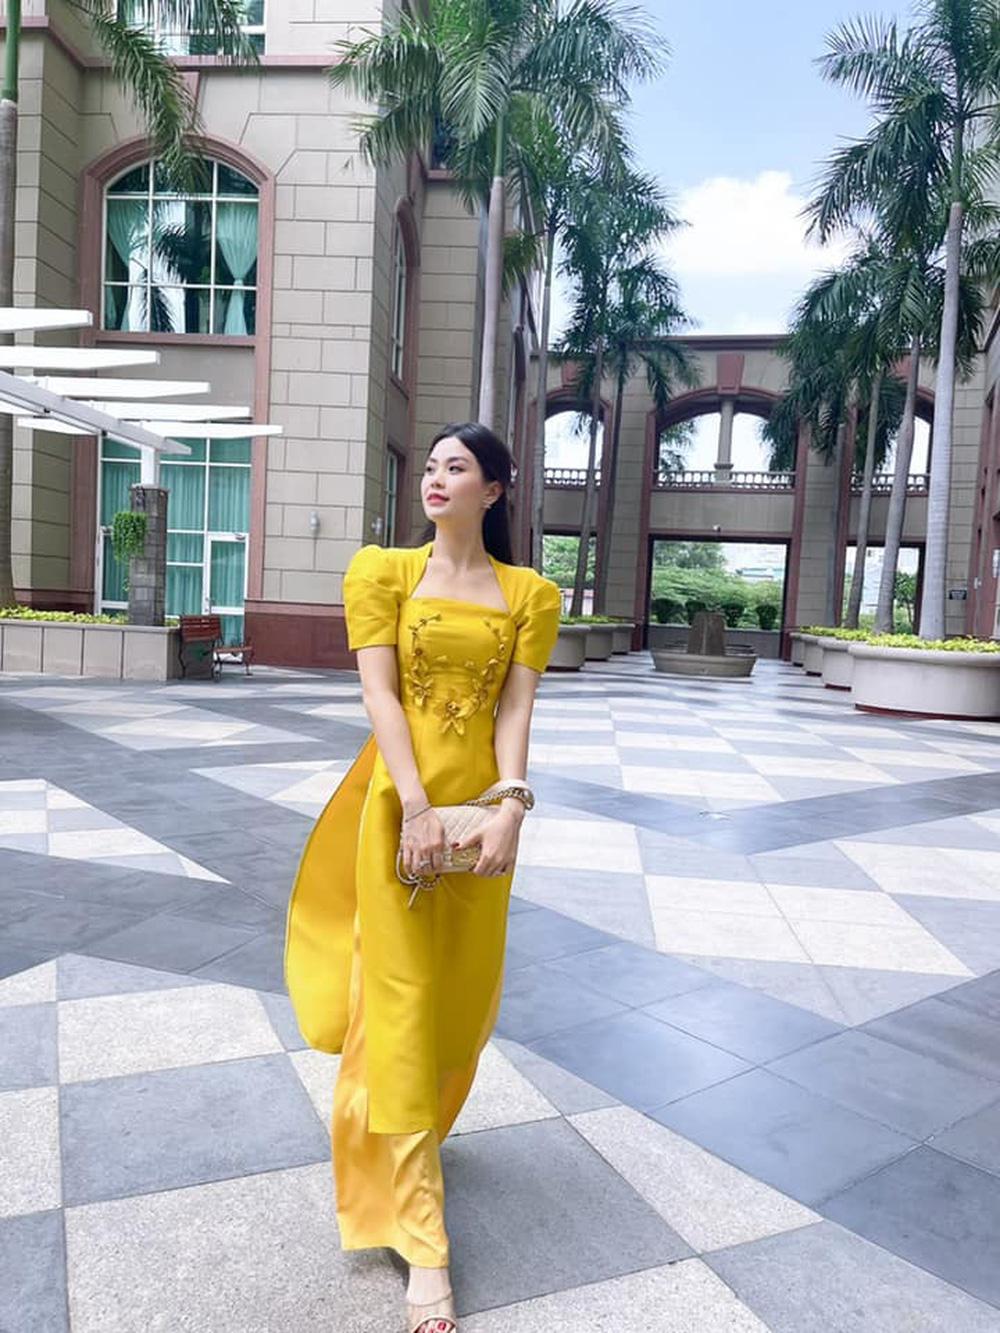 Đỗ Thị Hà và dàn Hoa hậu diện áo dài đầu xuân, ai cũng xinh đẹp ngút ngàn - Ảnh 11.